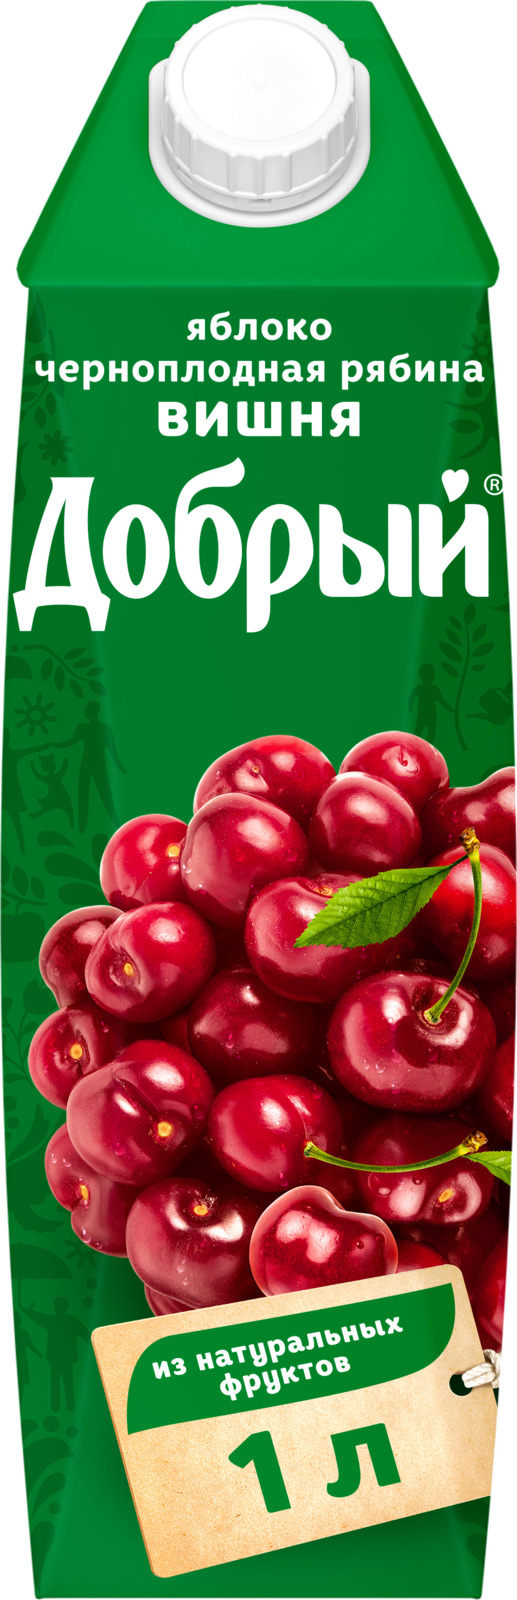 Нектар Добрый Яблоко, Черноплодная рябина, Вишня, 1 л